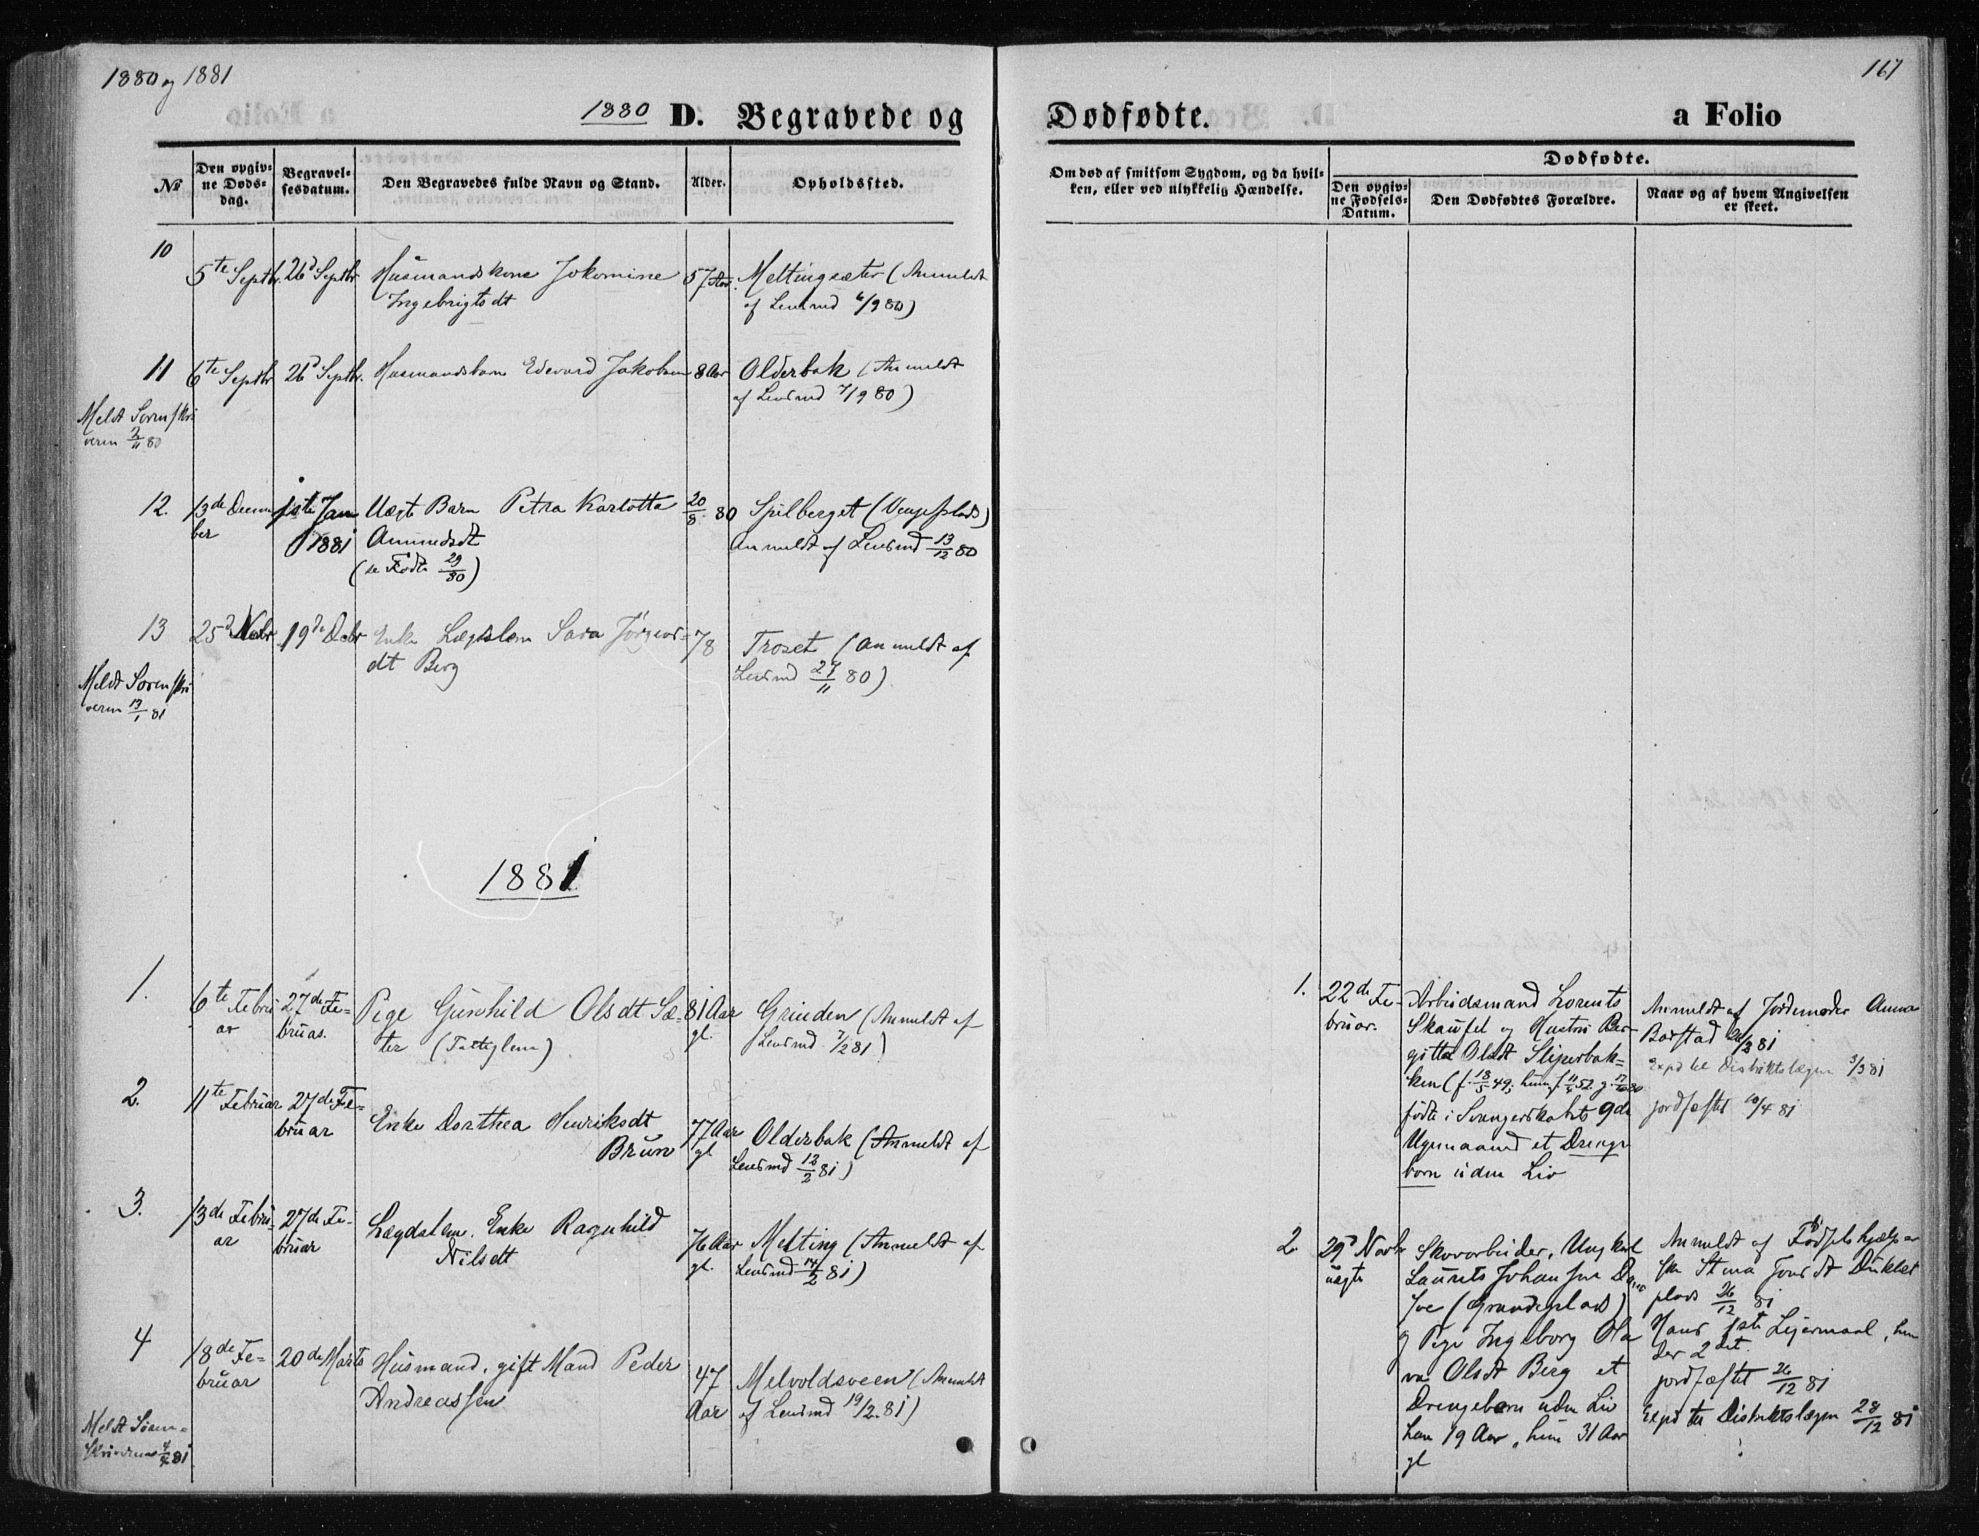 SAT, Ministerialprotokoller, klokkerbøker og fødselsregistre - Nord-Trøndelag, 733/L0324: Ministerialbok nr. 733A03, 1870-1883, s. 167